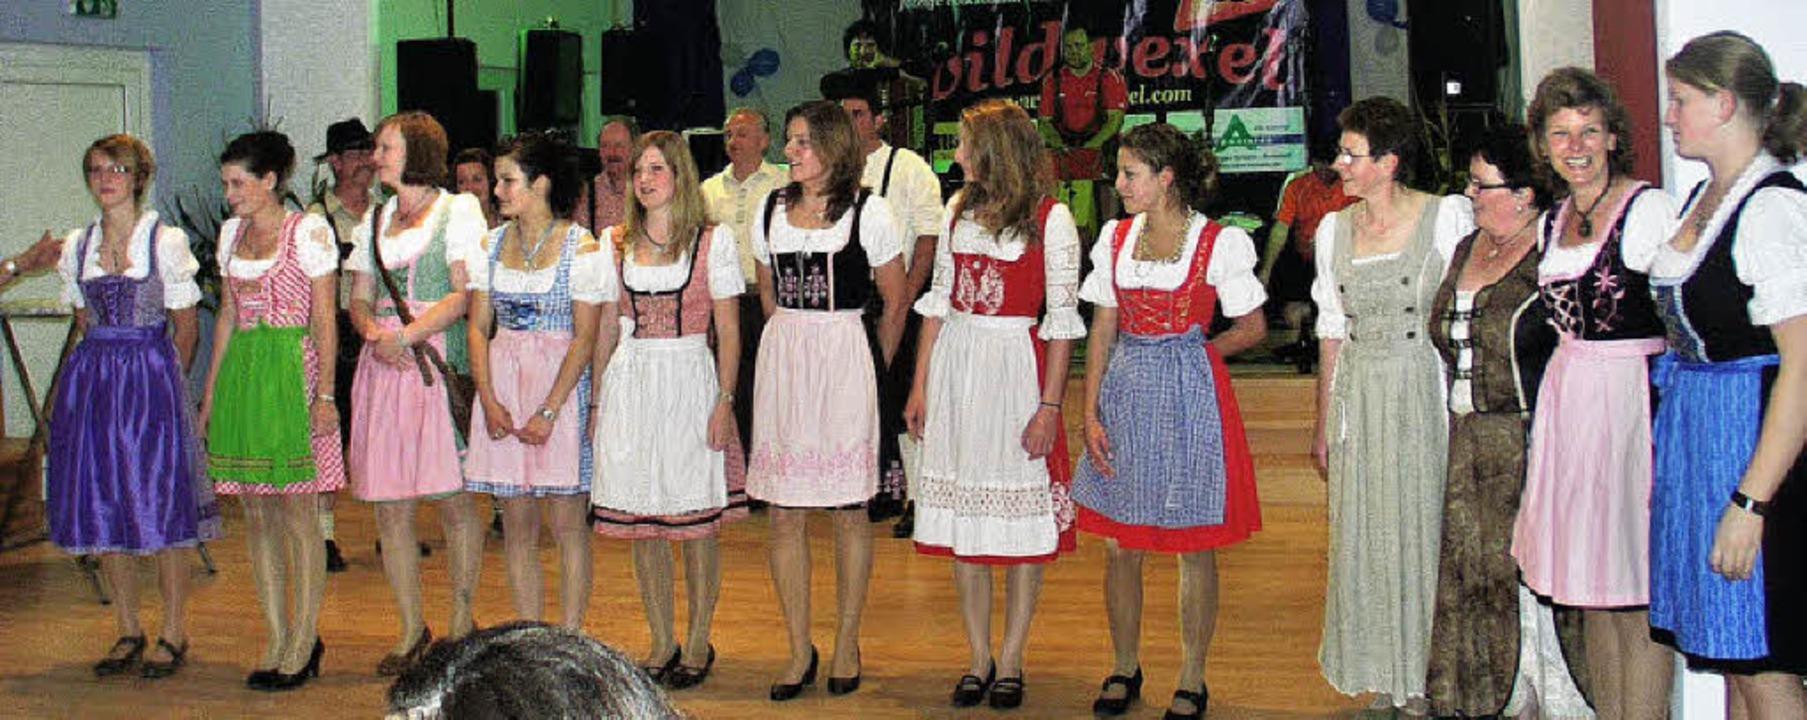 Insgesamt 14 Damen beteiligten sich be...(Zweite von links) aus Lembach gekürt.  | Foto: Bruno MoraTH